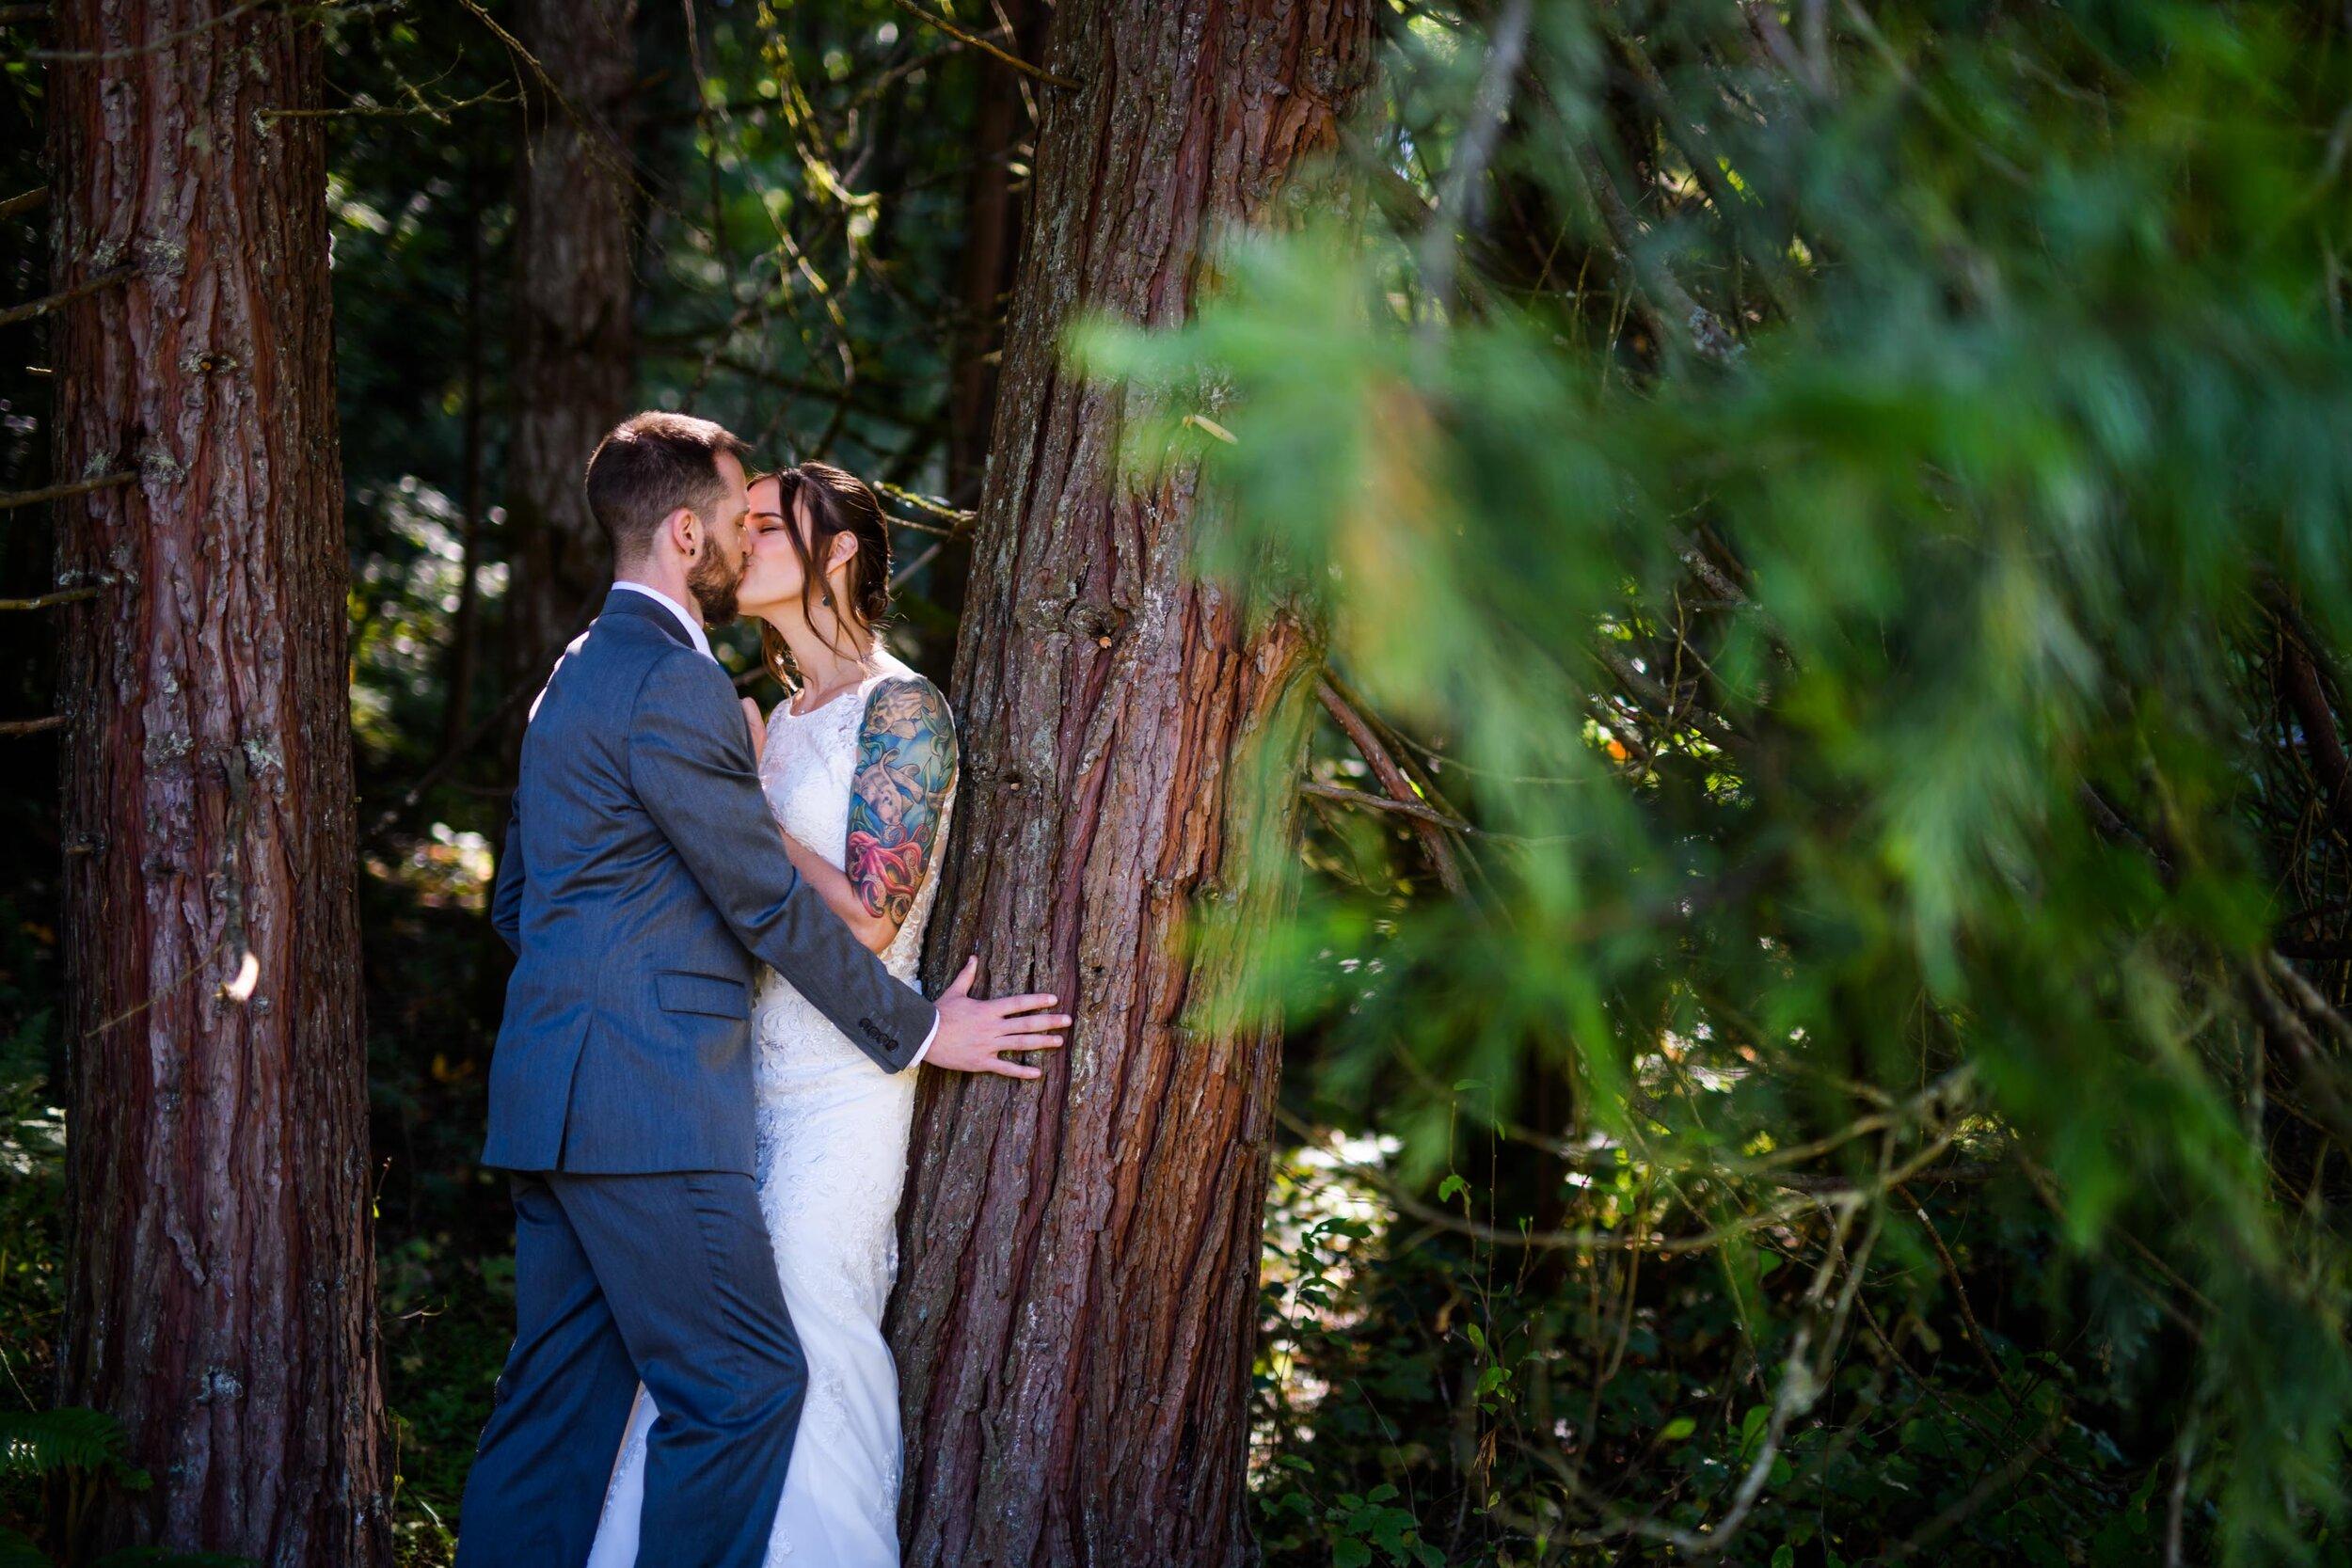 Mt. Pisgah Arboretum wedding photos 41.JPG